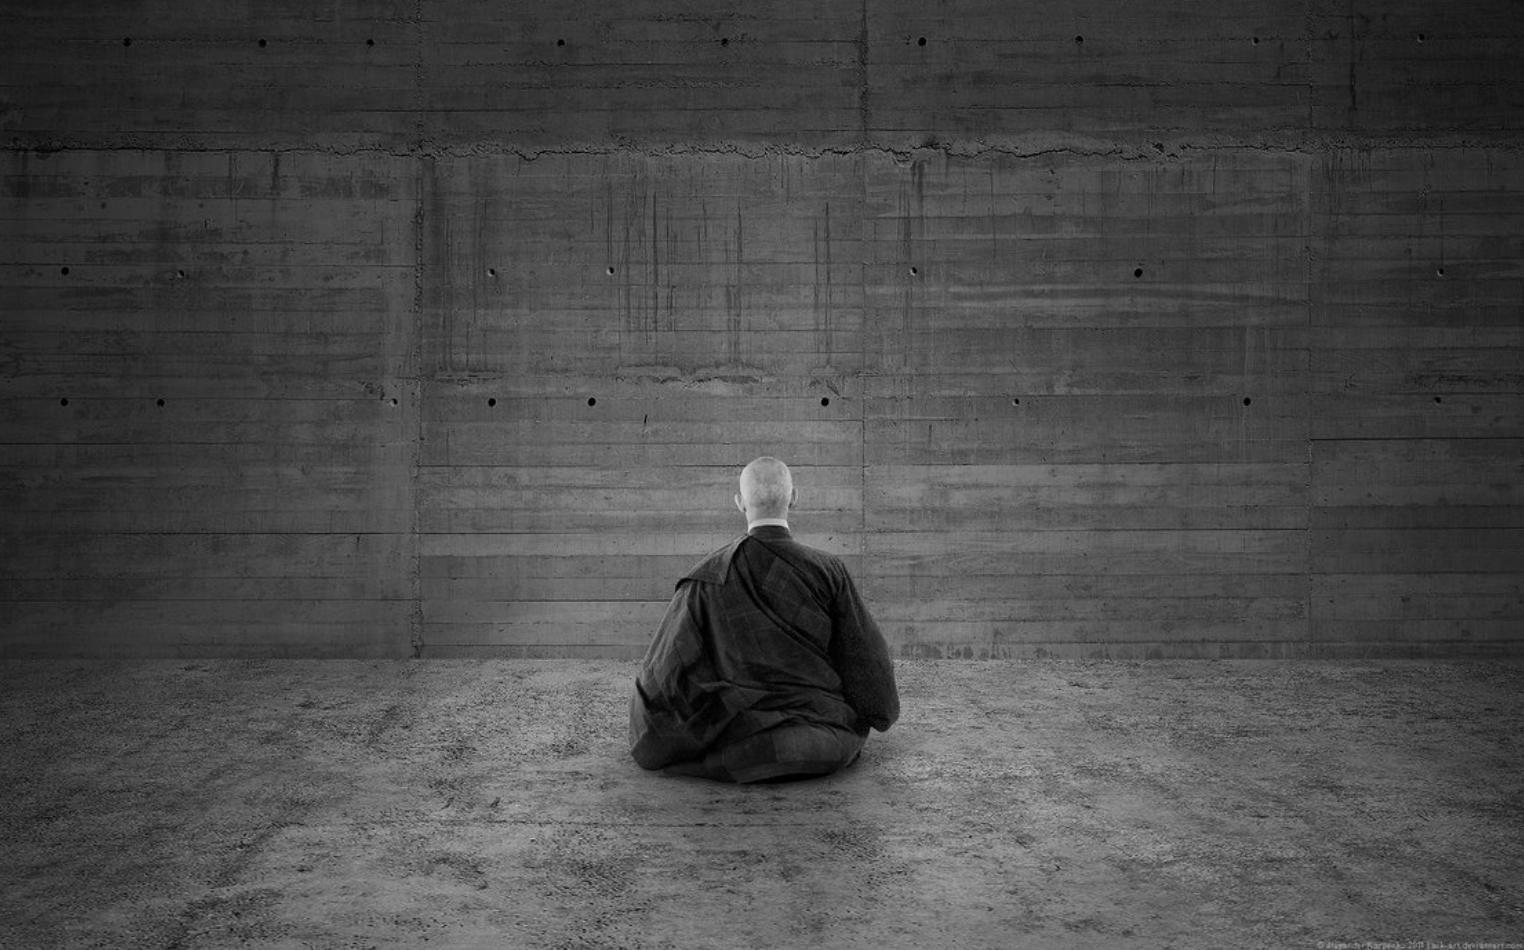 jacques lacan et le zen guy massat